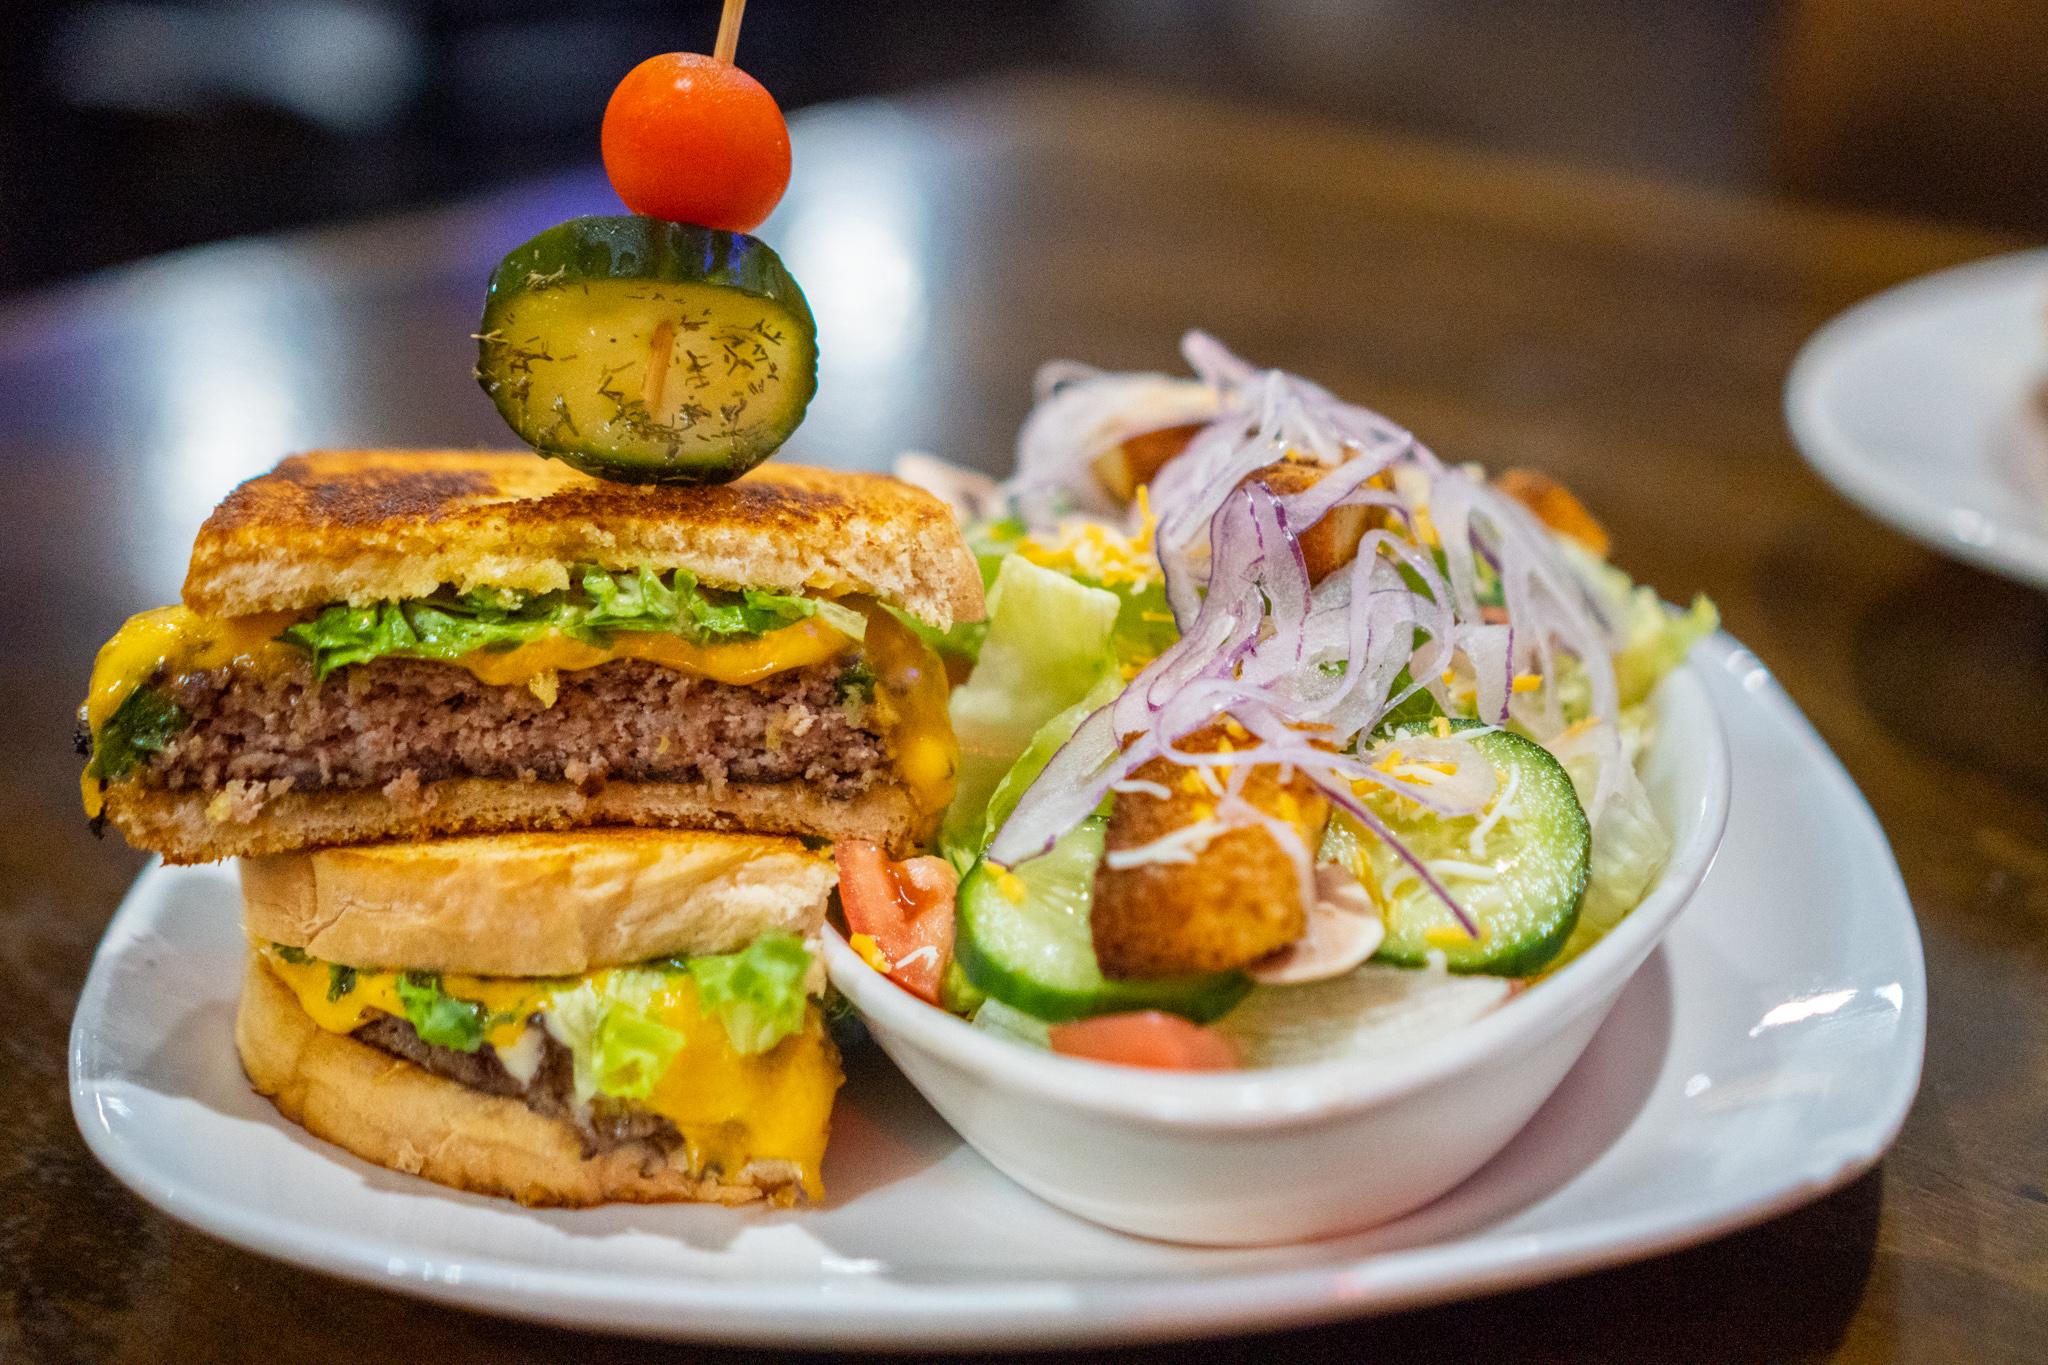 The Wheelhouse Boopie's Burger Melt and Side Caesar Salad